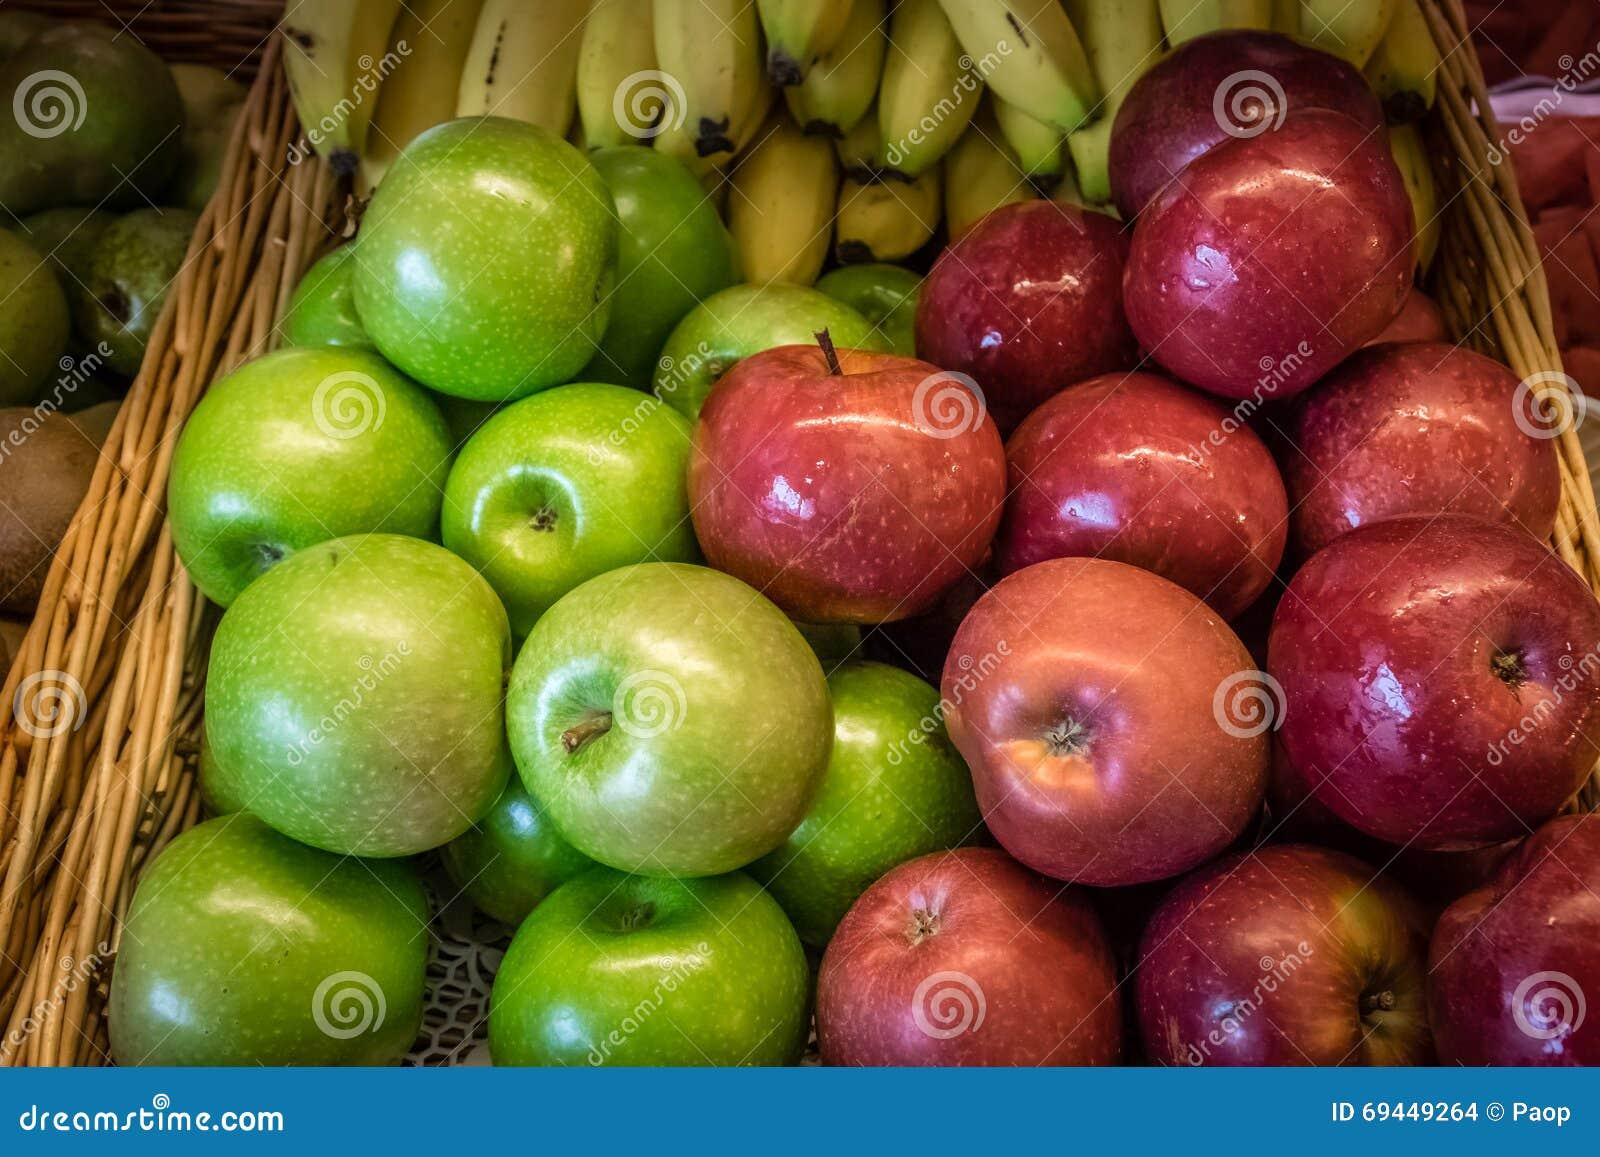 苹果香蕉葡萄智力_苹果香蕉 库存照片 - 图片